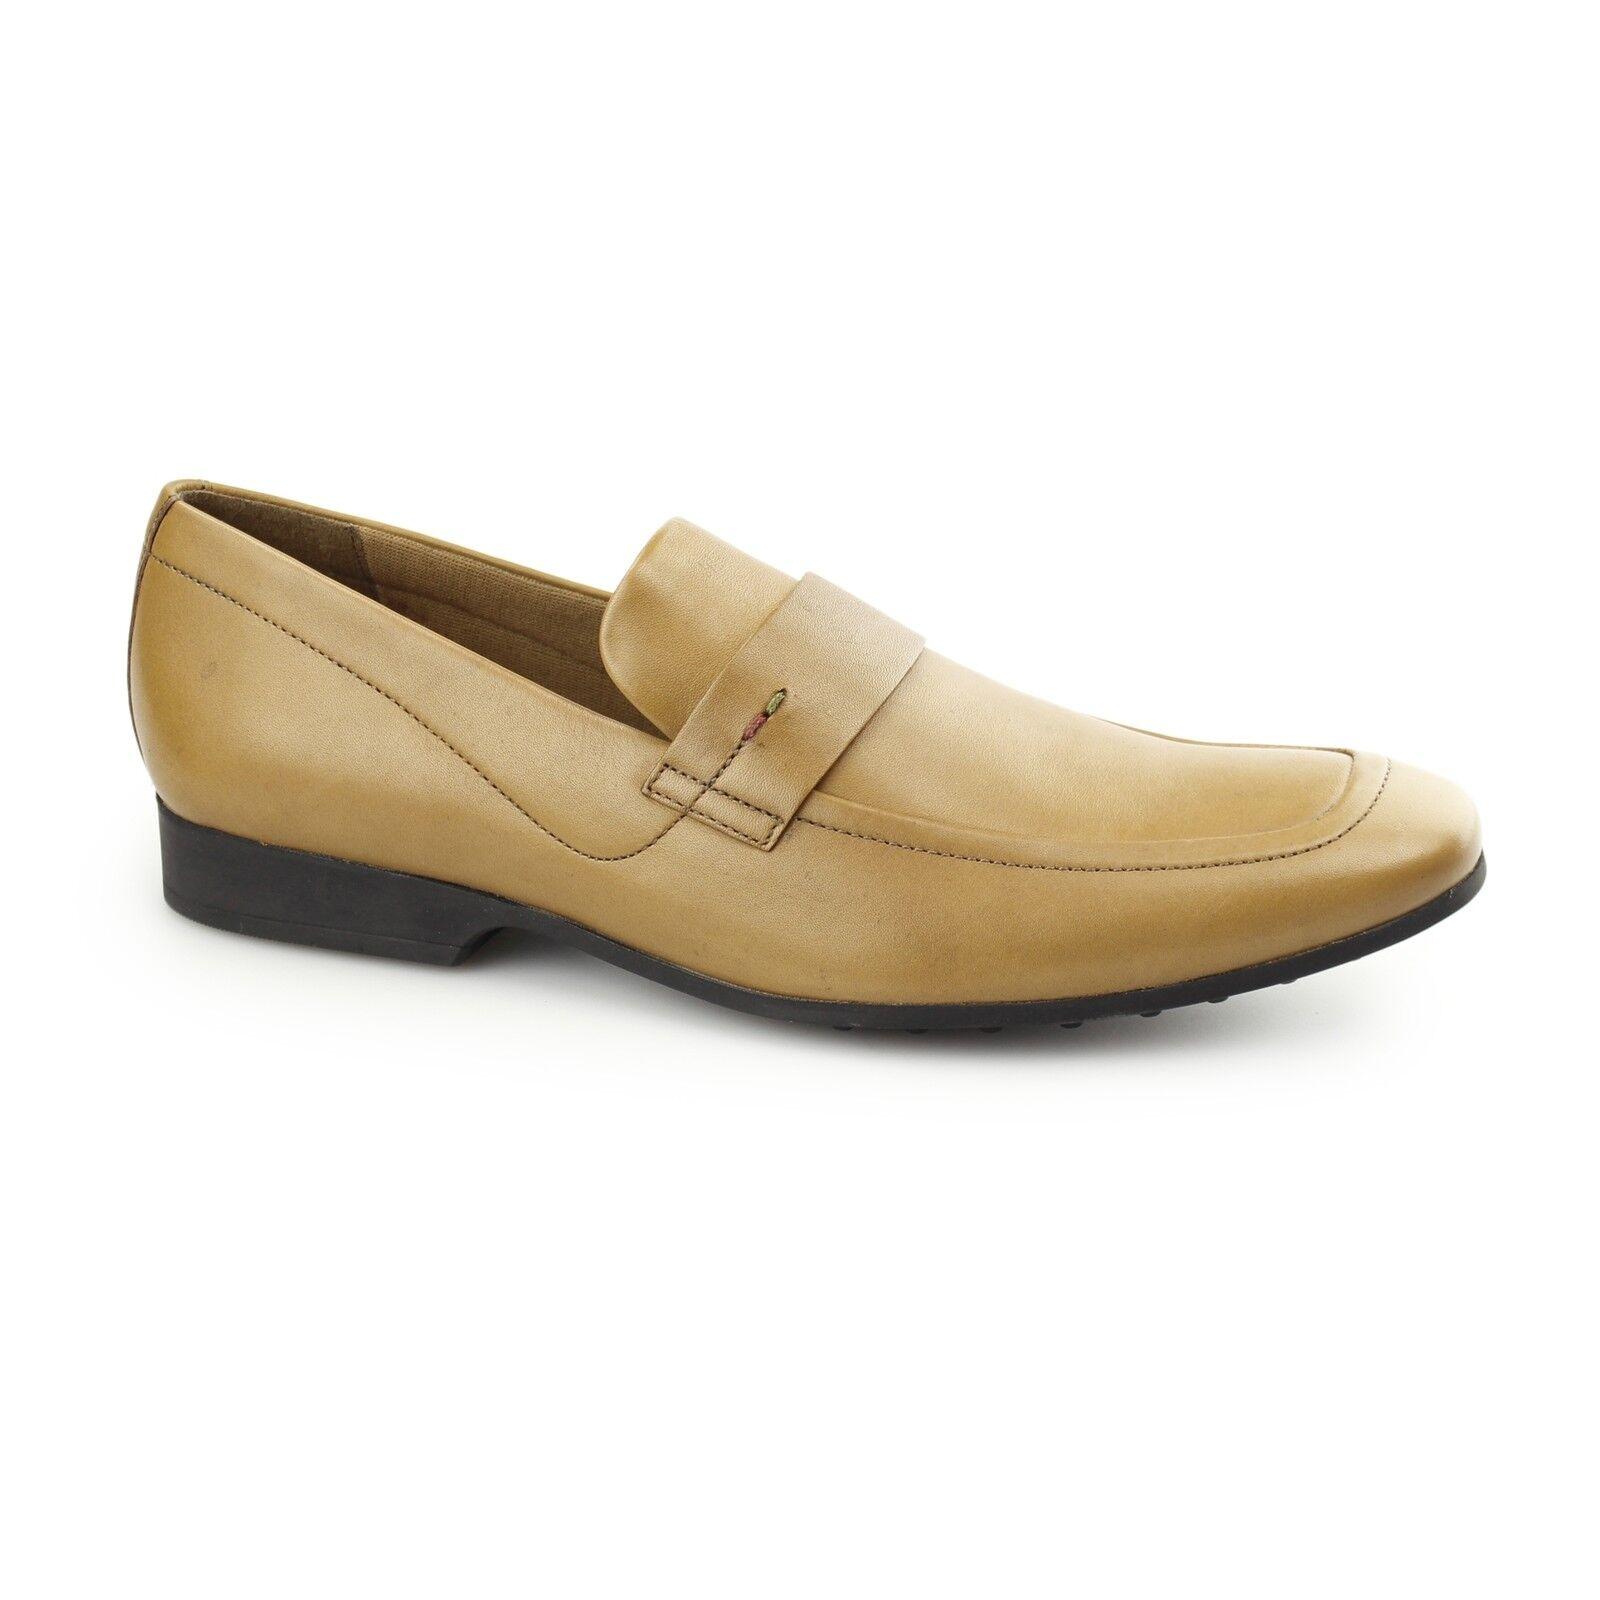 Kickers RANLYN slip pour homme en cuir souple smart bureau à enfiler mocassins chaussures tan